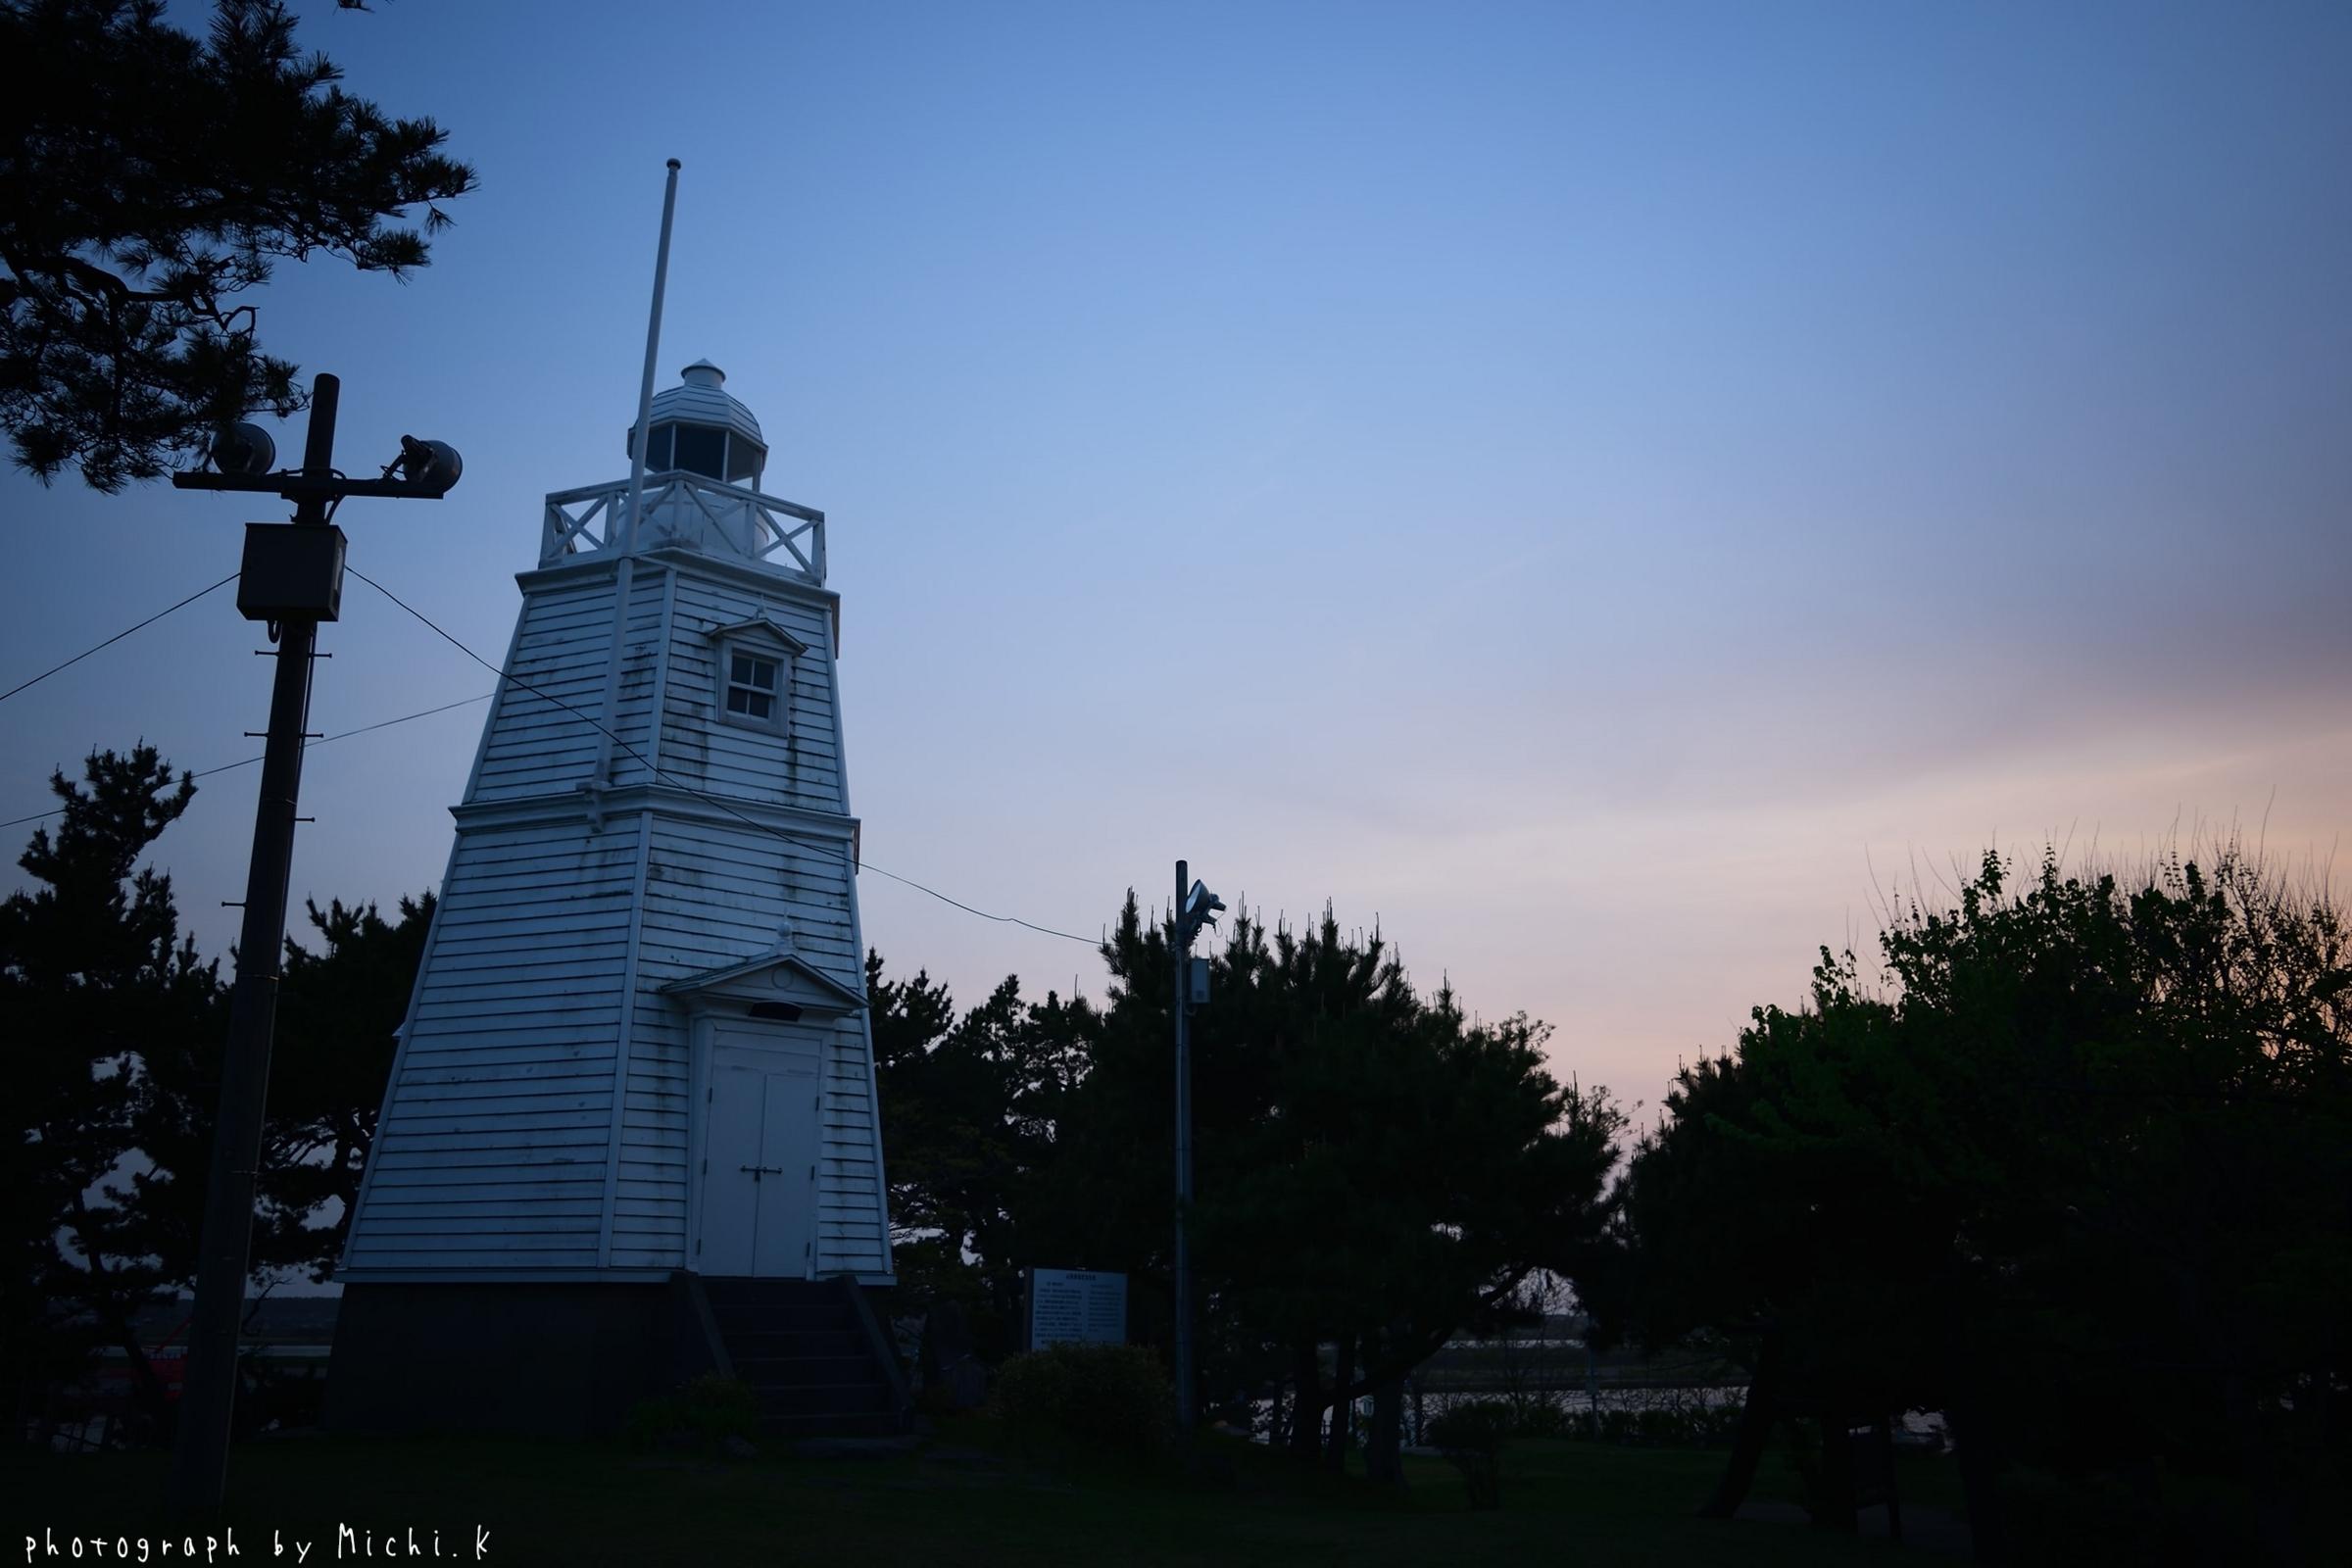 酒田市、日和山六角灯台(その3)